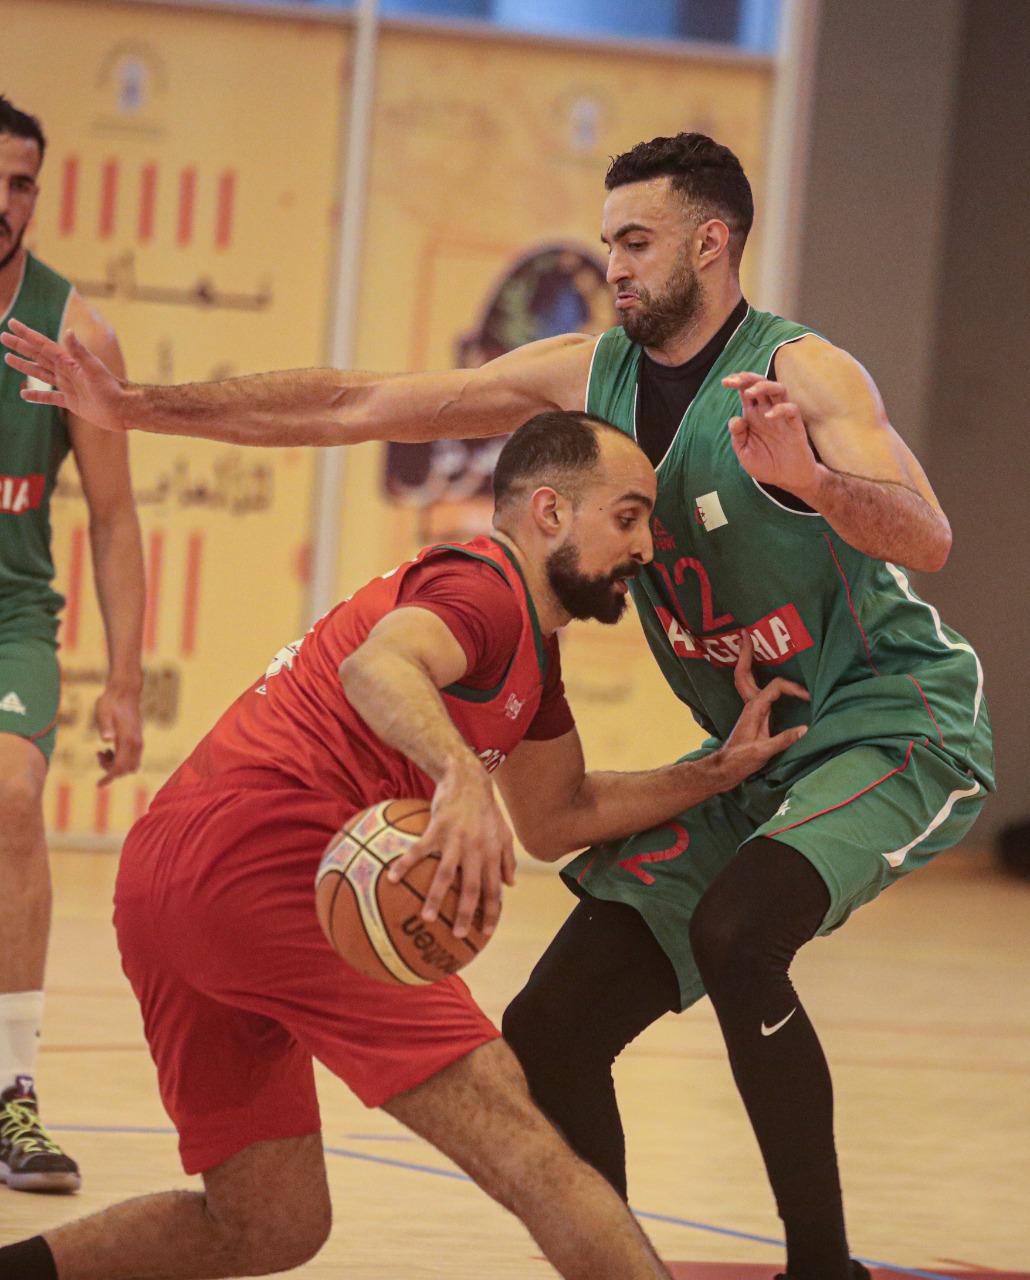 المنتخب المغربي لكرة السلة يفوز على نظيره الجزائري في ثاني مباراة ودية بالرباط